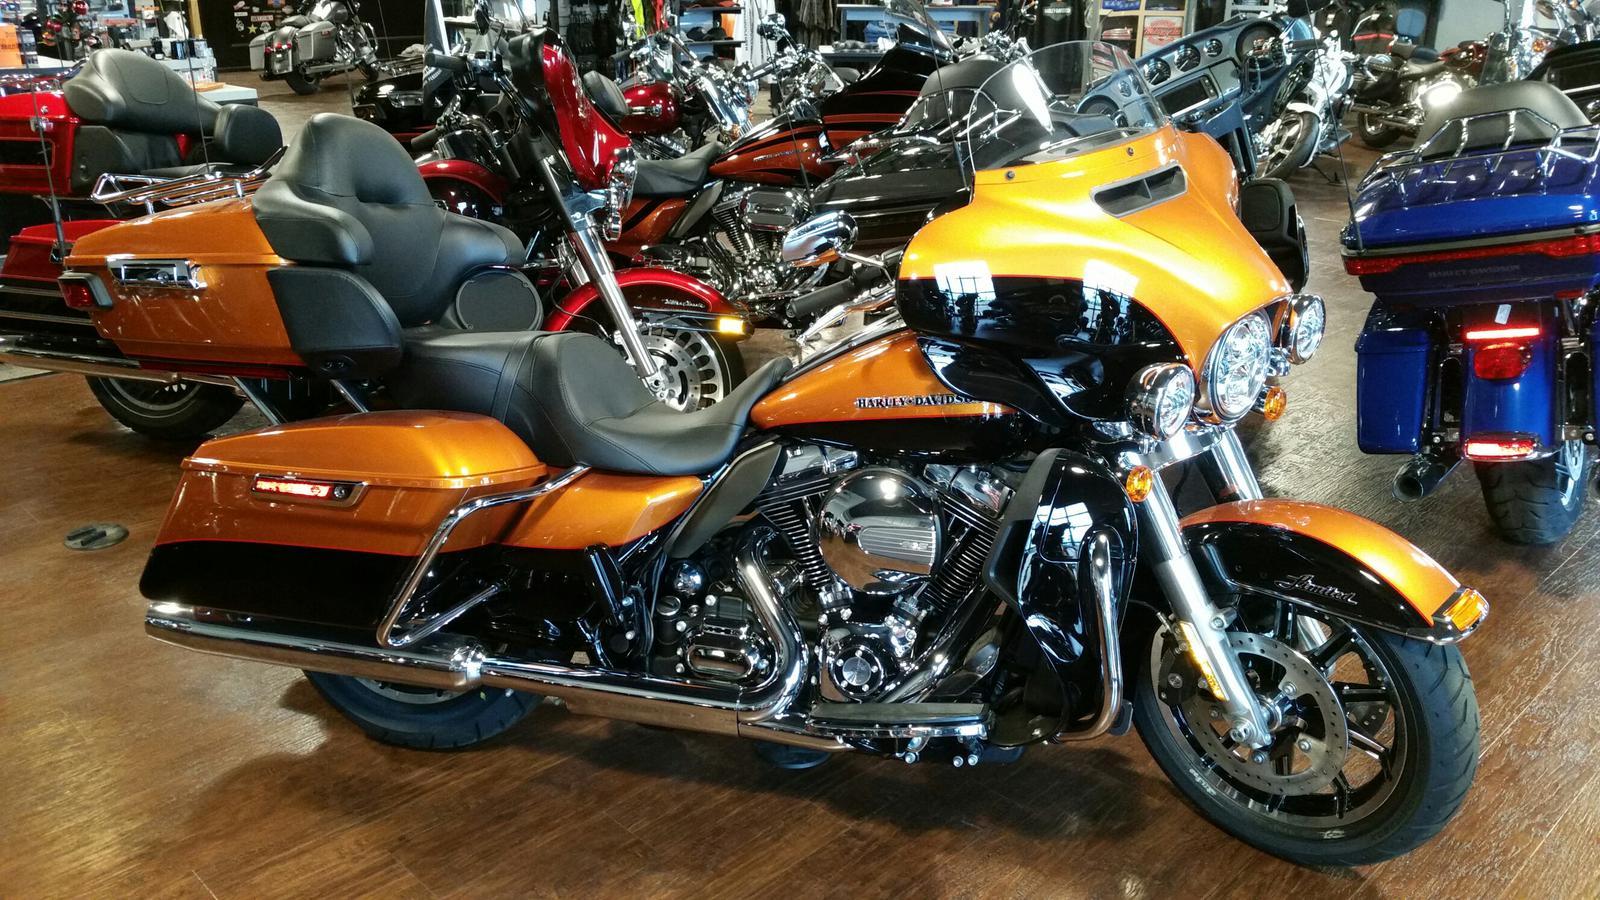 2016 Harley DavidsonR FLHTKL Ultra Limited Low